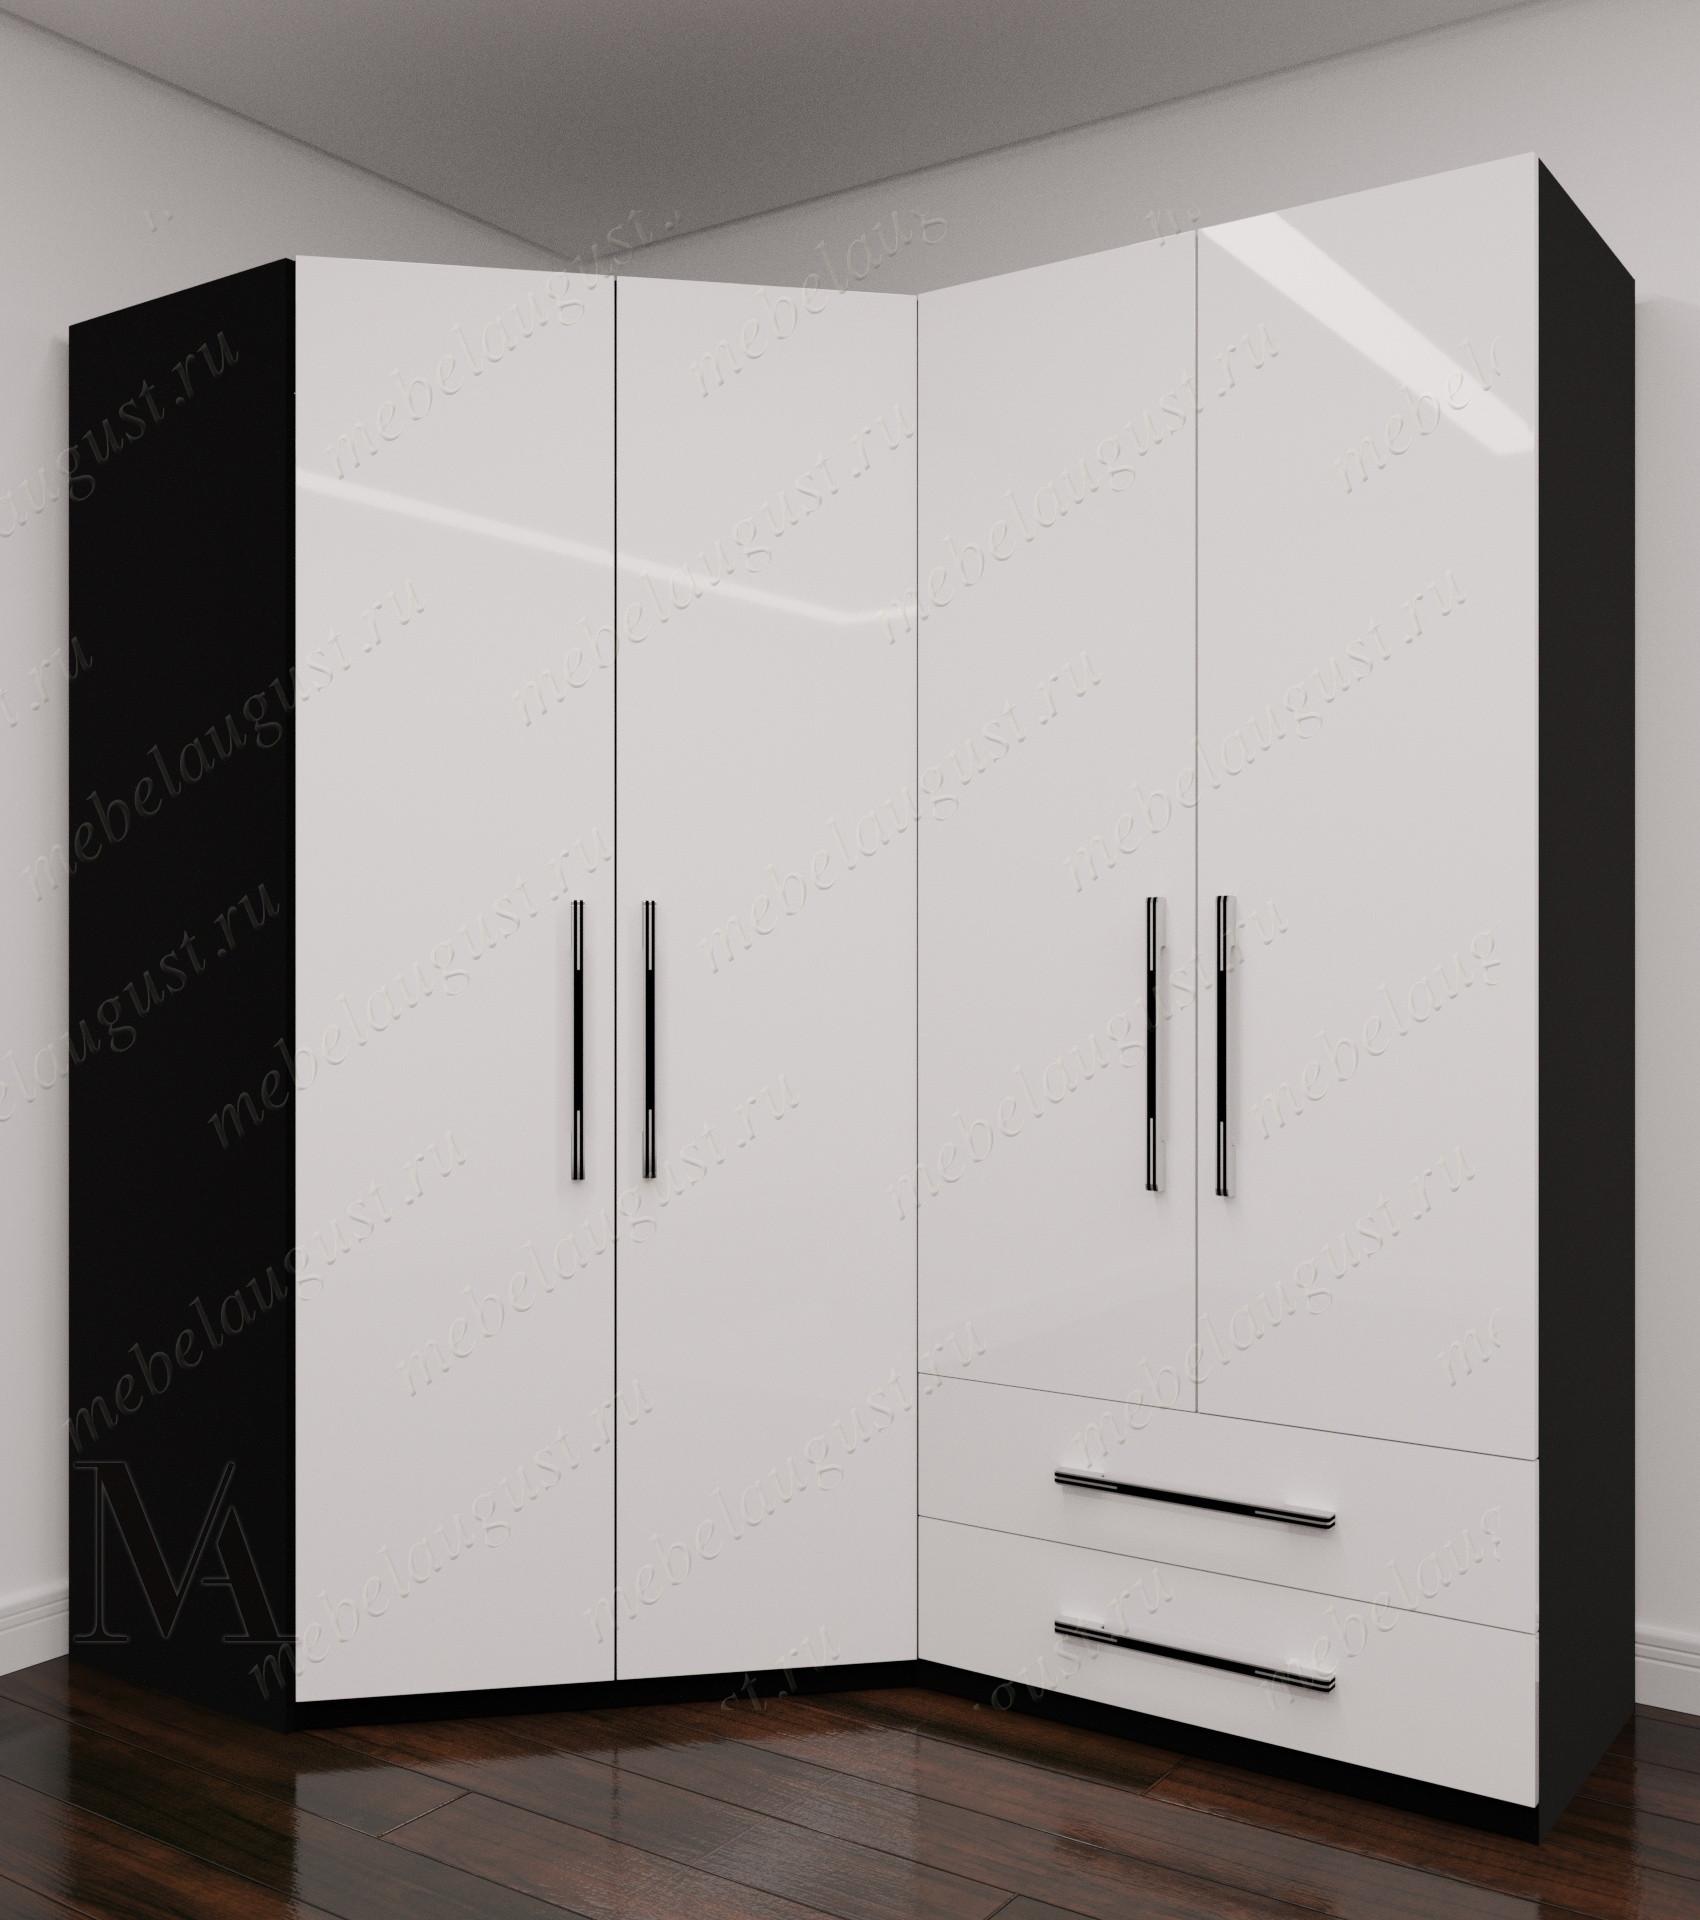 Черно-белый глянцевый четырехдверный распашной шкаф для одежды с ящиками для мелочей в спальню